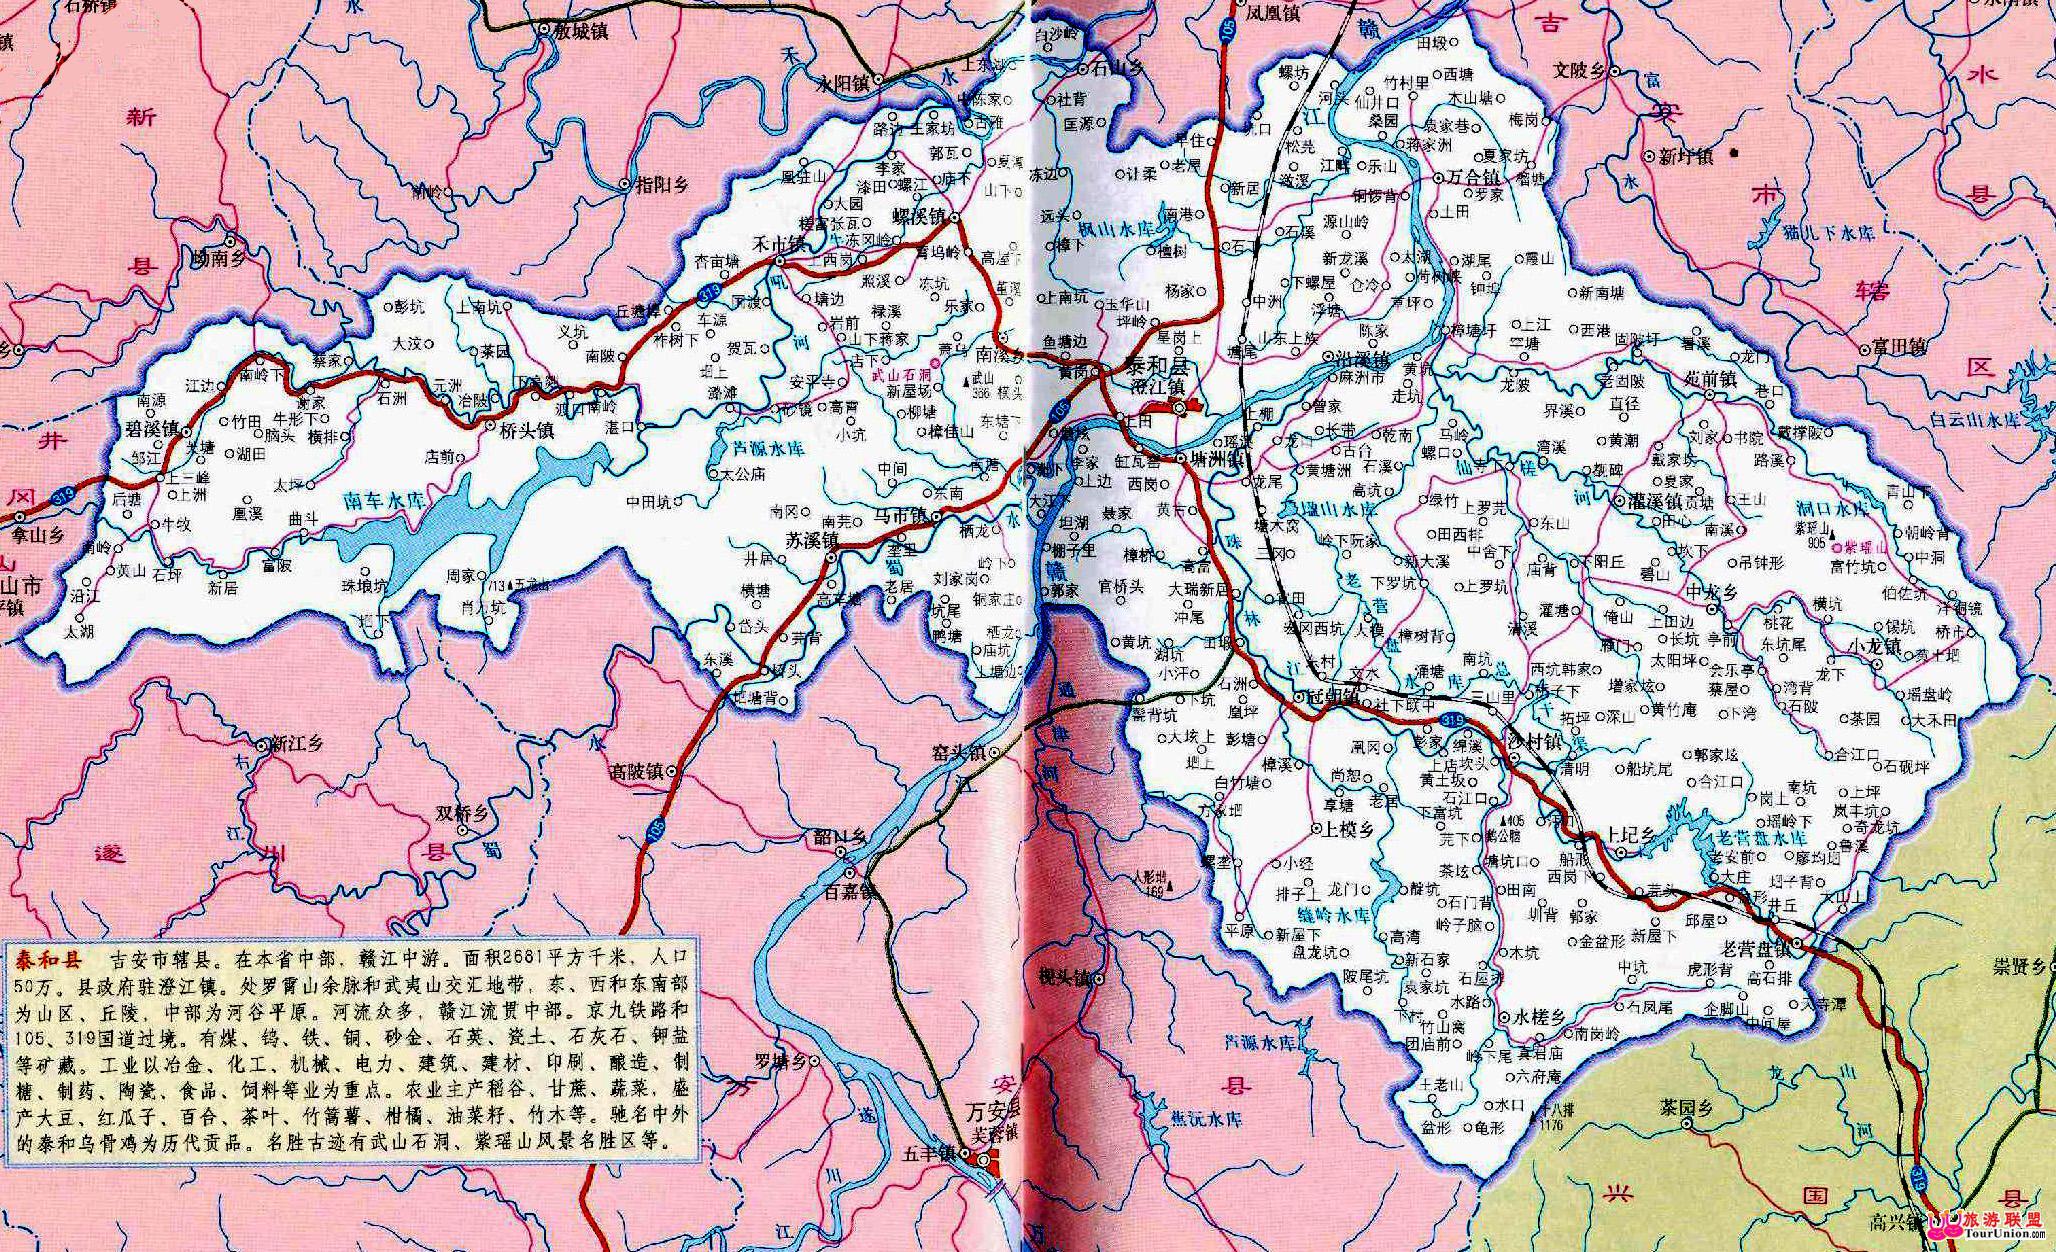 江西吉安旅游资讯中心  (2056x1252); 江西吉安泰和地图; 江西泰和县